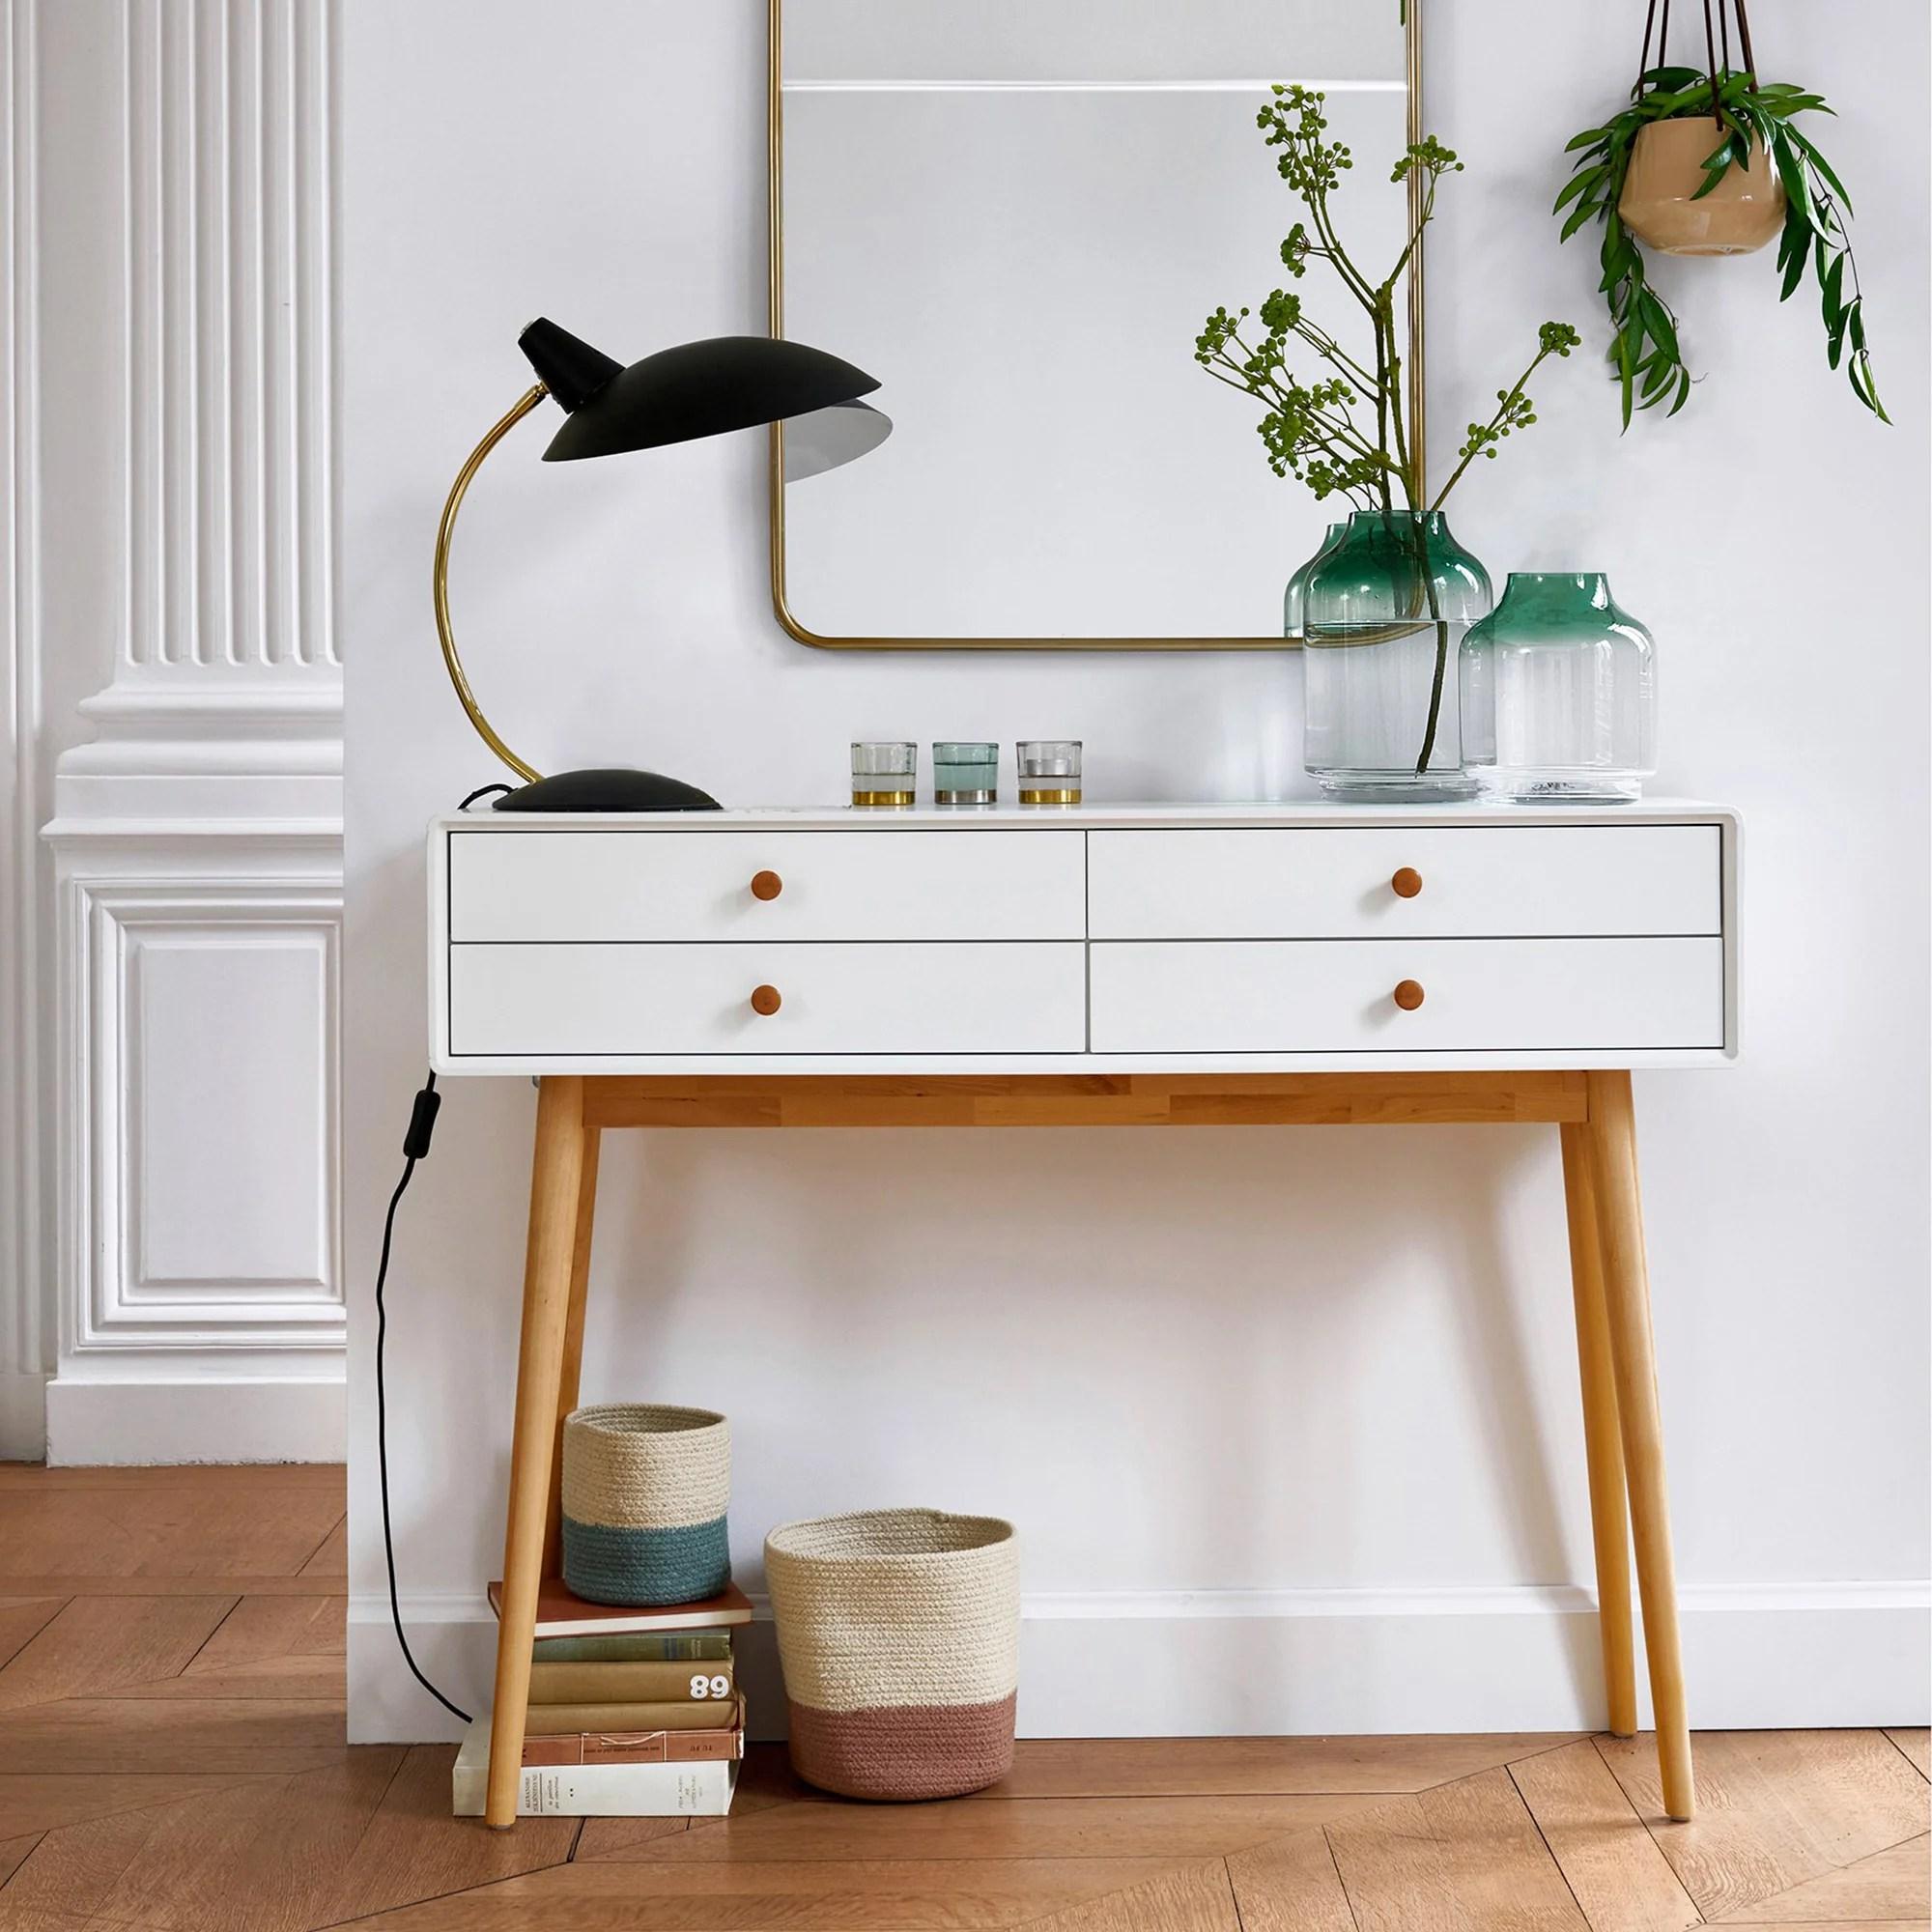 """Per arredare l'ingresso in stile minimalista, la frase chiave è """"less is more"""". Come Scegliere L Arredamento Per L Ingresso Di Casa La Redoute"""